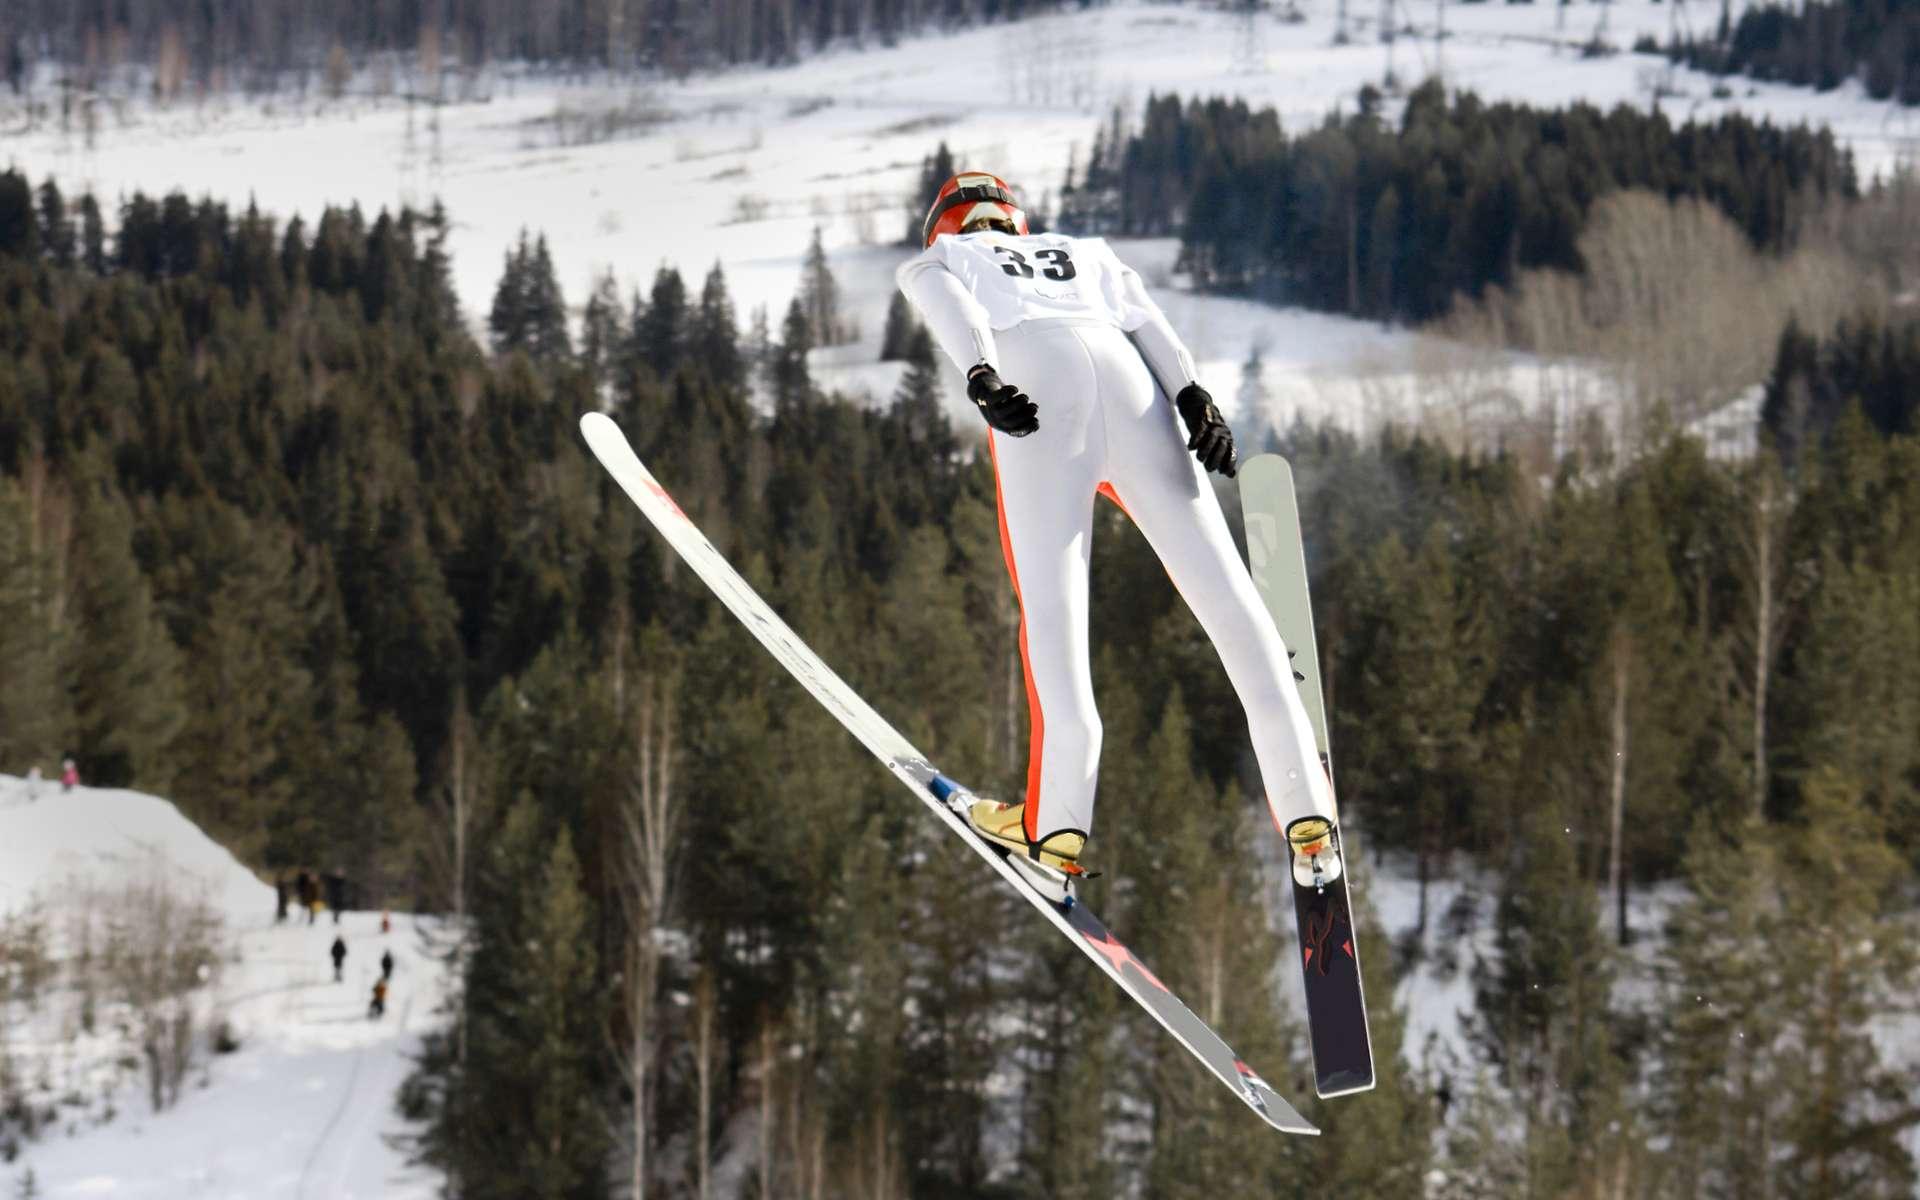 Au programme des JO d'hiver depuis 1924, le saut à skis a beaucoup évolué depuis. © victor zastol'skiy, fotolia